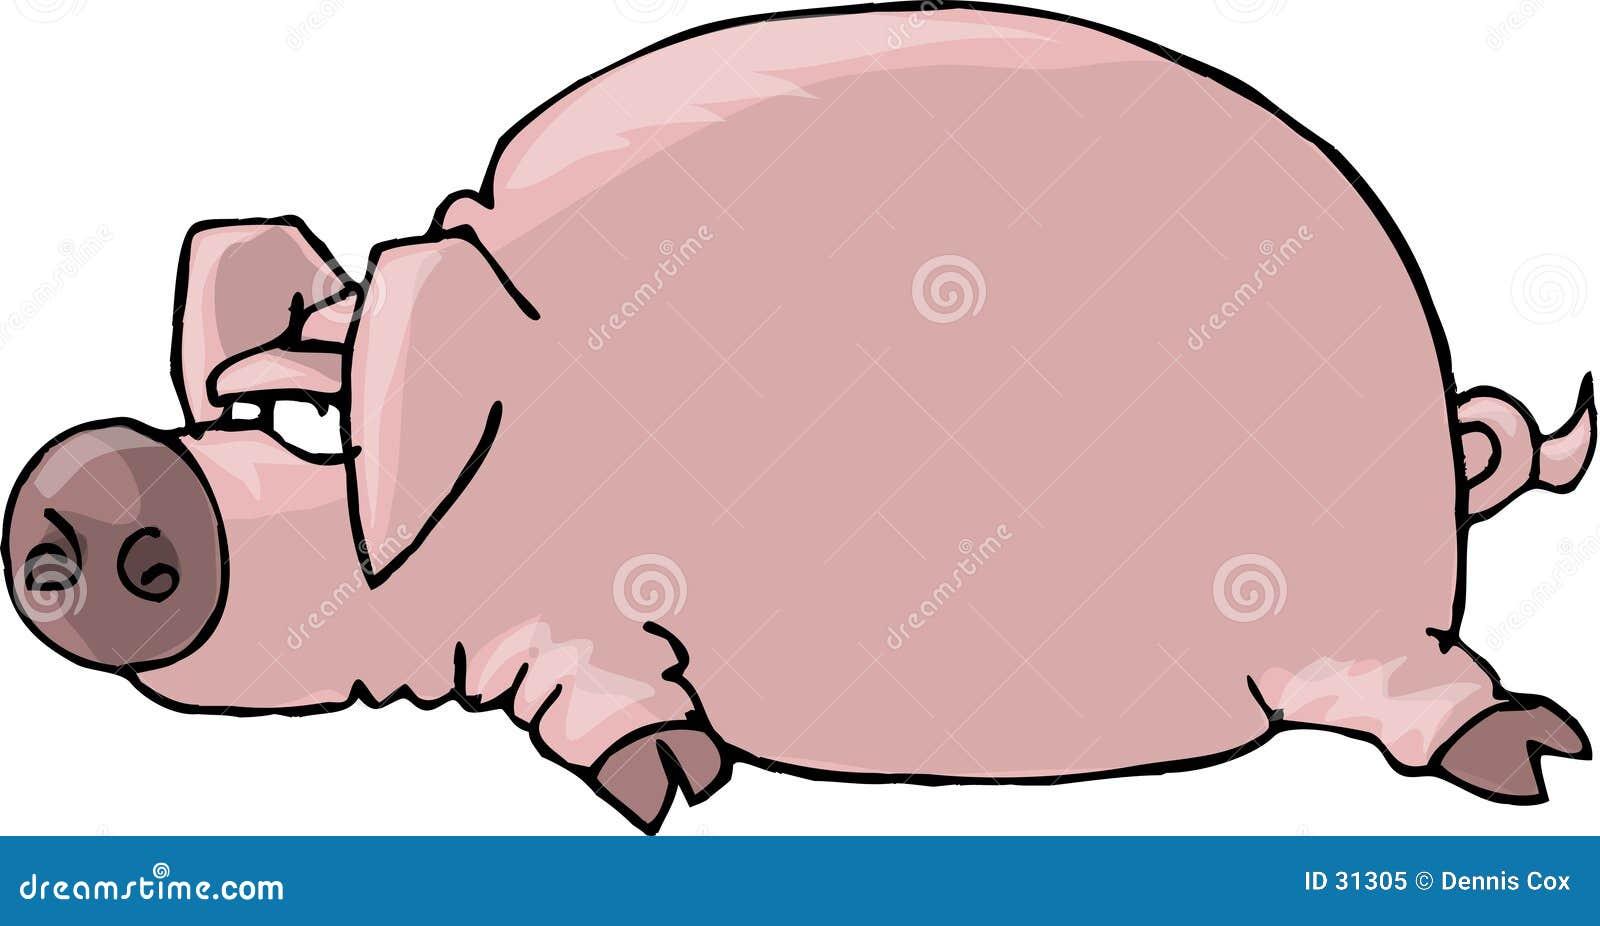 Download Cerdo plano stock de ilustración. Ilustración de diversión - 31305